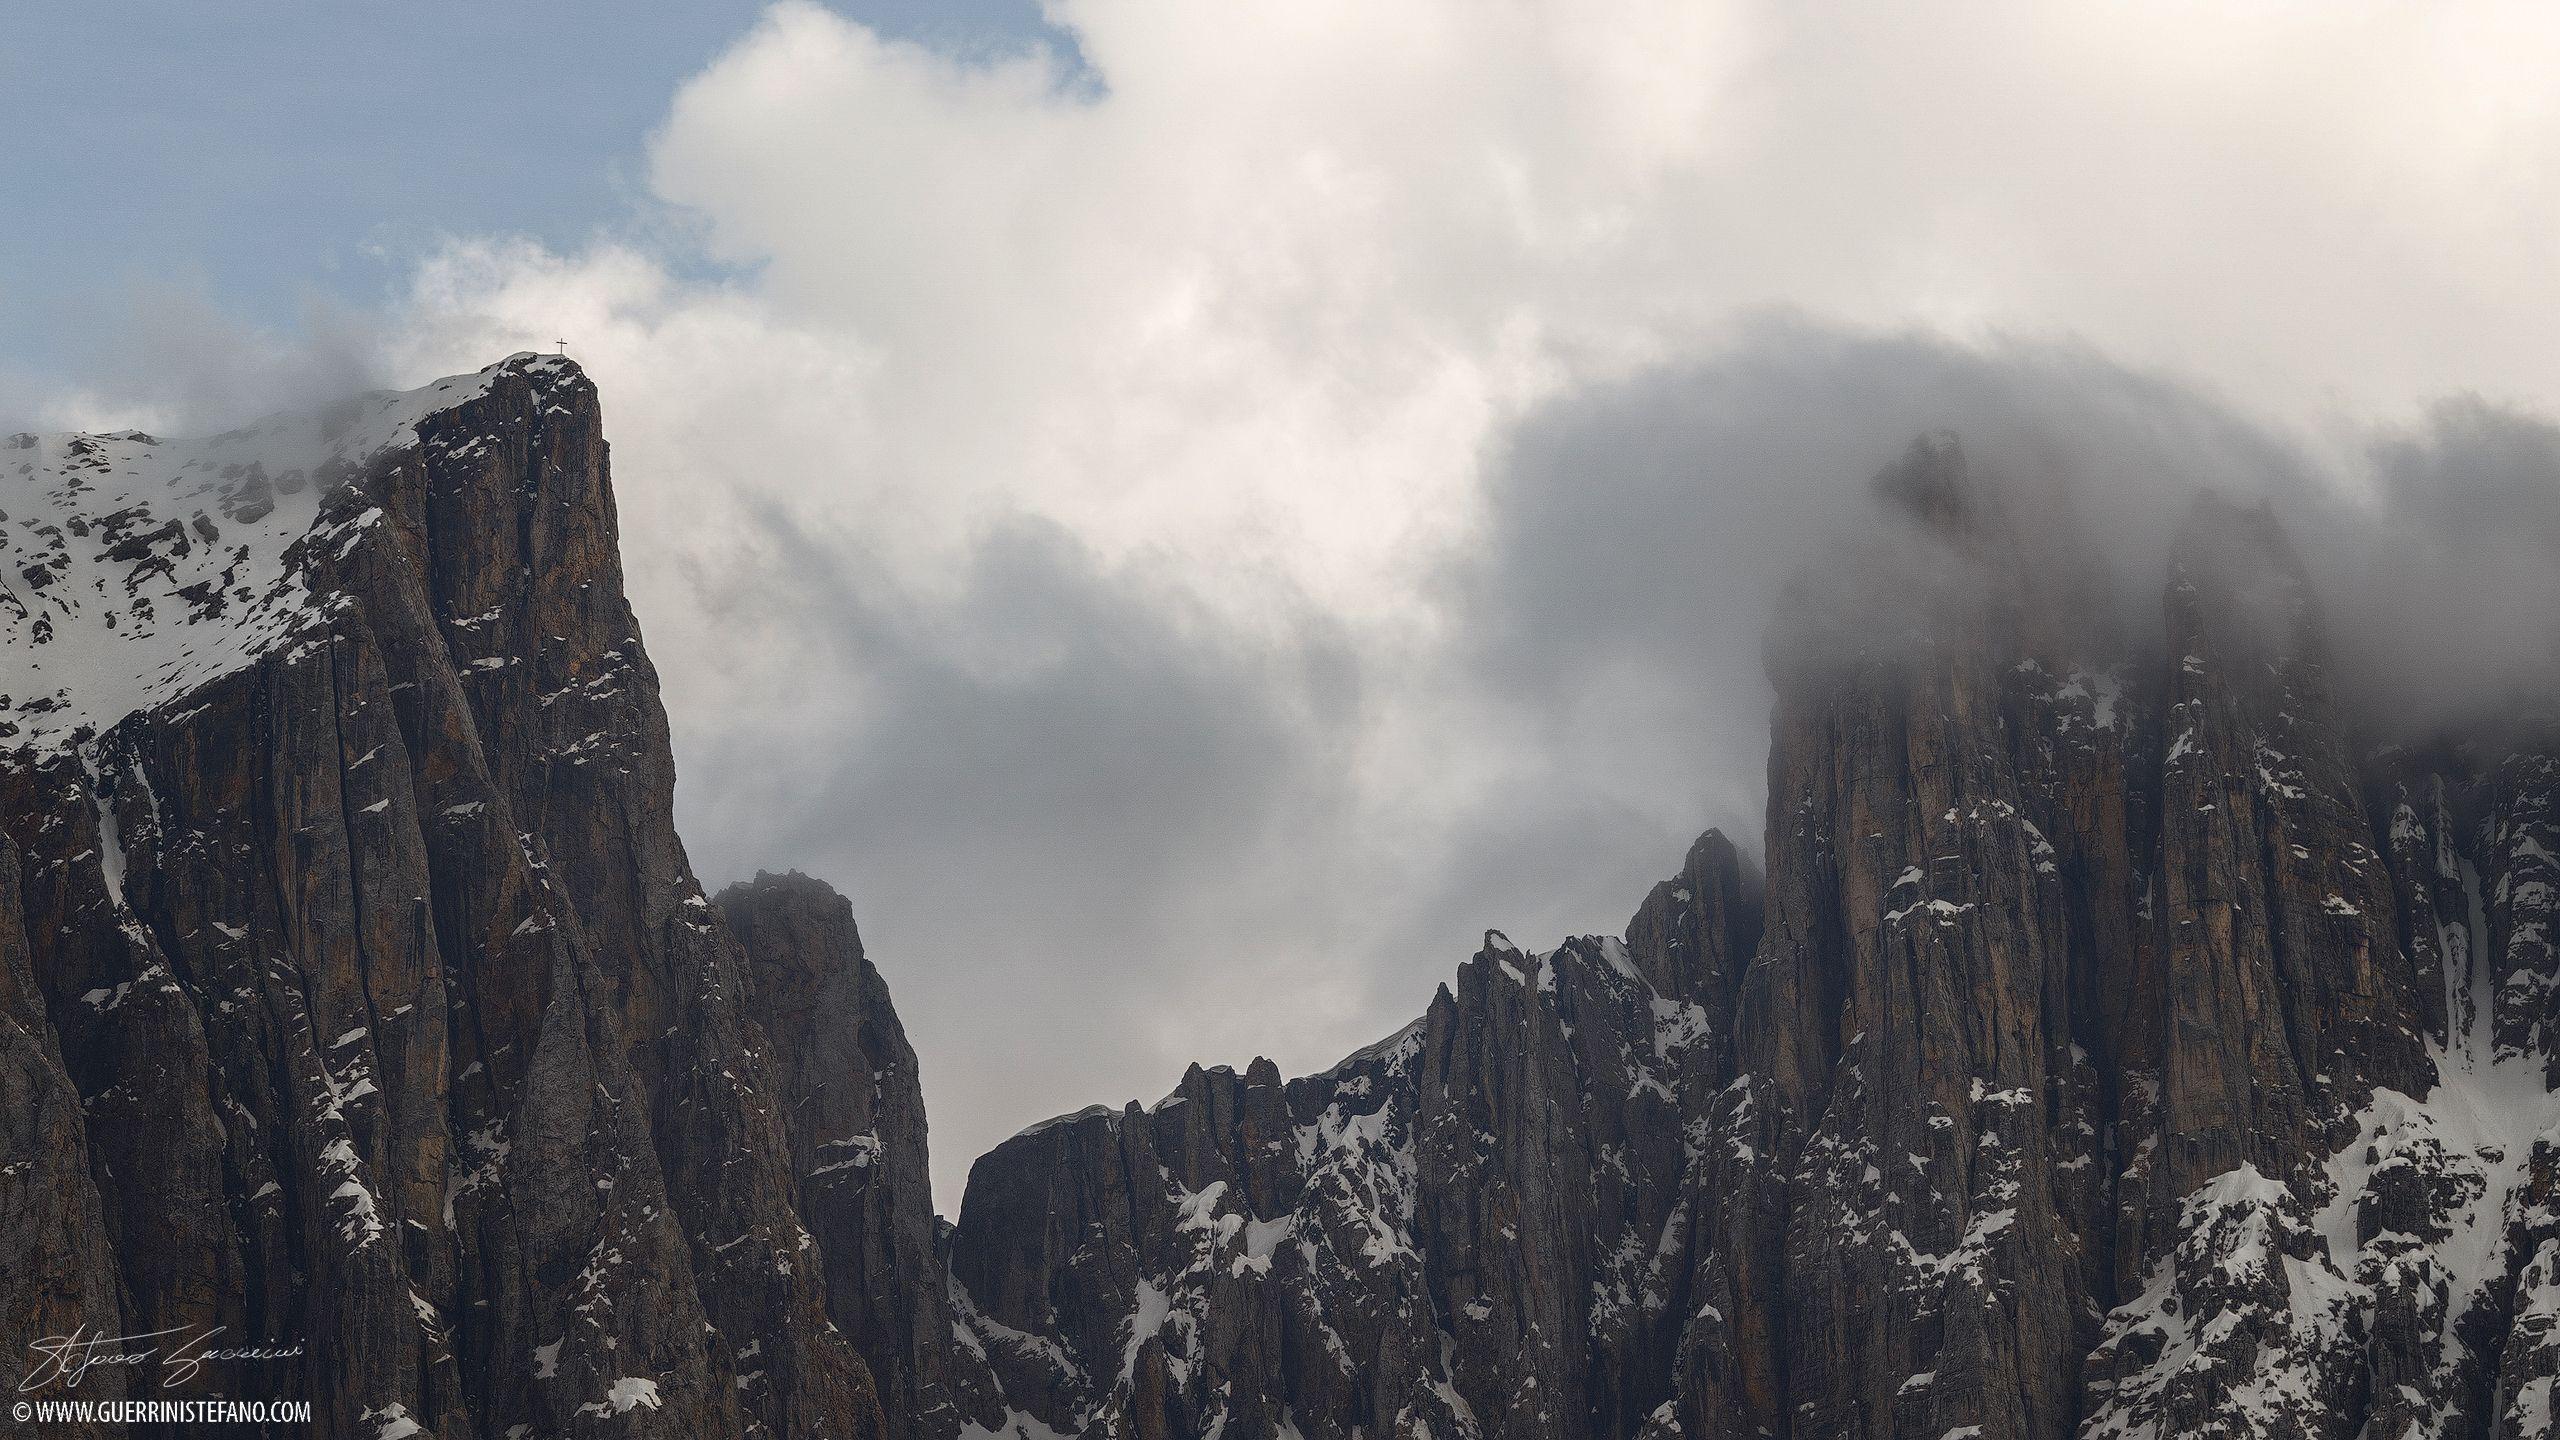 Vista della croce di cima Schenon (2800m) del Latemar, Alto Adige, fra la nebbia, la neve e i colori della roccia. Più a destra la forcella grande del Latemar e la torre Cristomannos avvolta dalle …